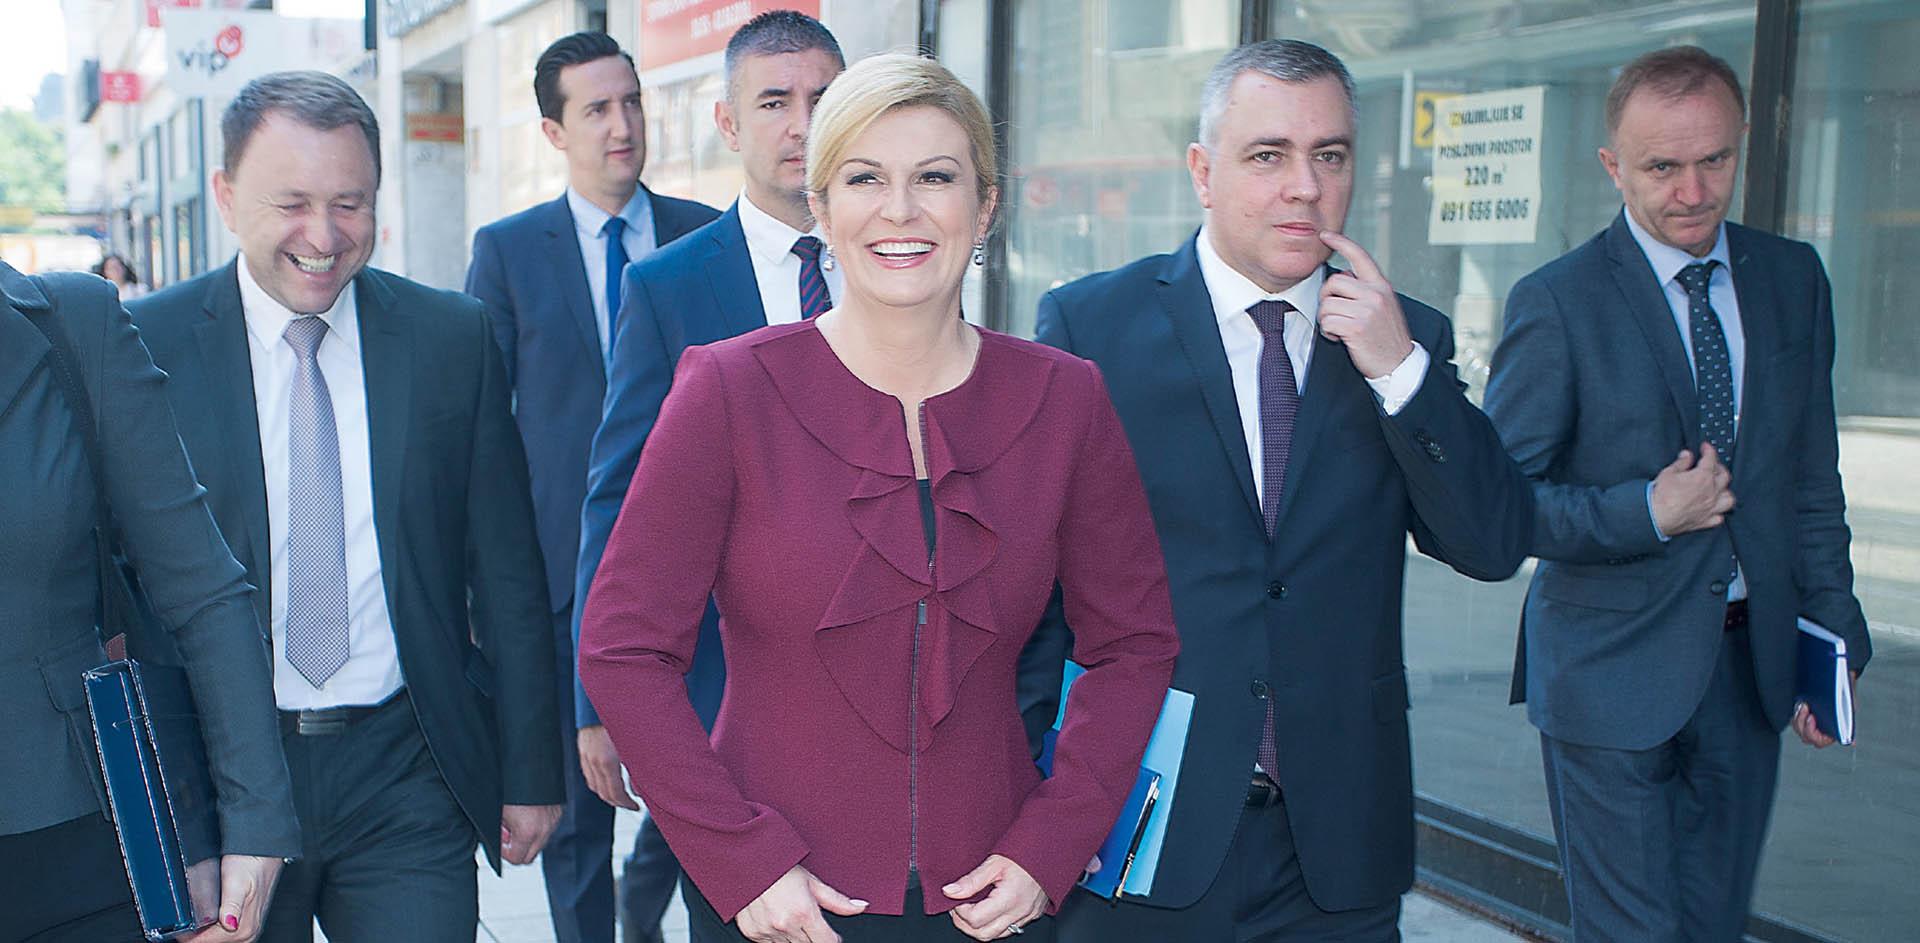 Predsjednica ulazi u rat s Plenkovićem oko HDZ-a